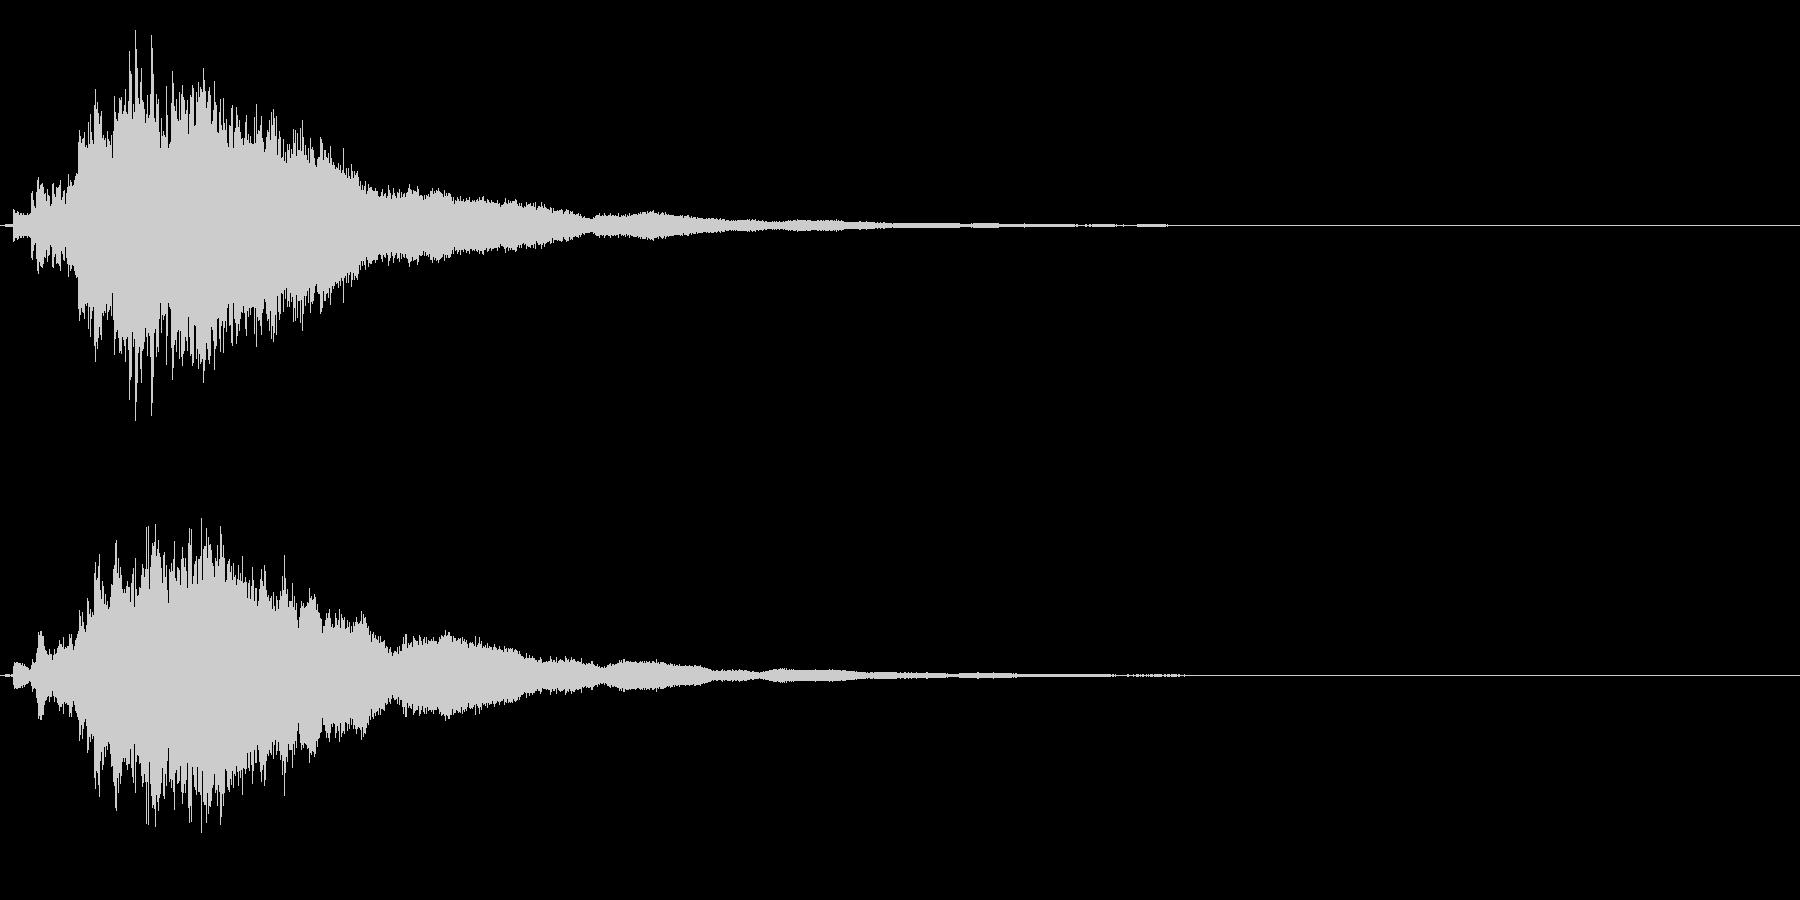 ゲームスタート、決定、ボタン音-095の未再生の波形